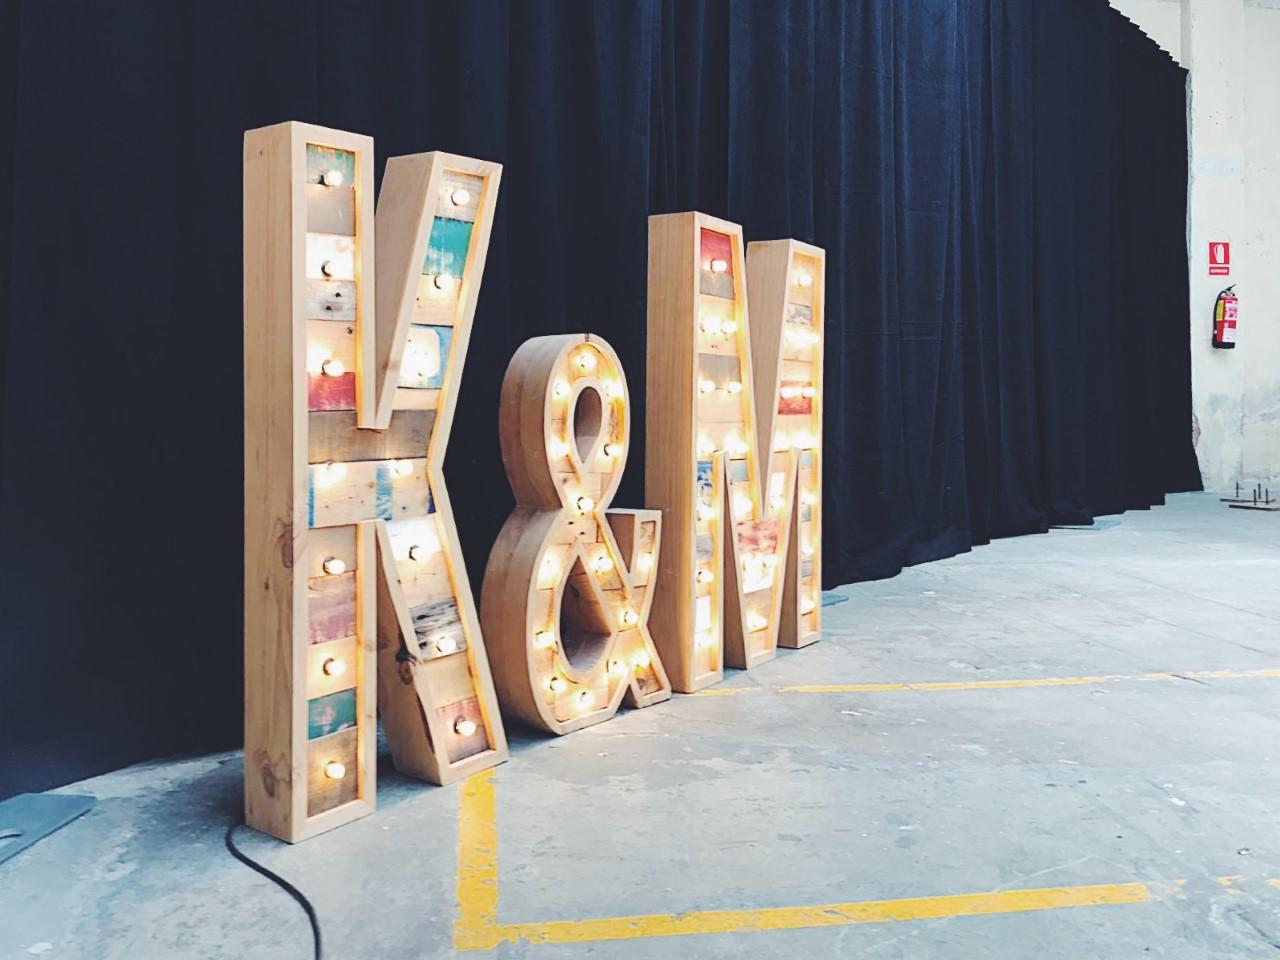 k&M-alquiler-letras-luminosas-27lletres.JPG